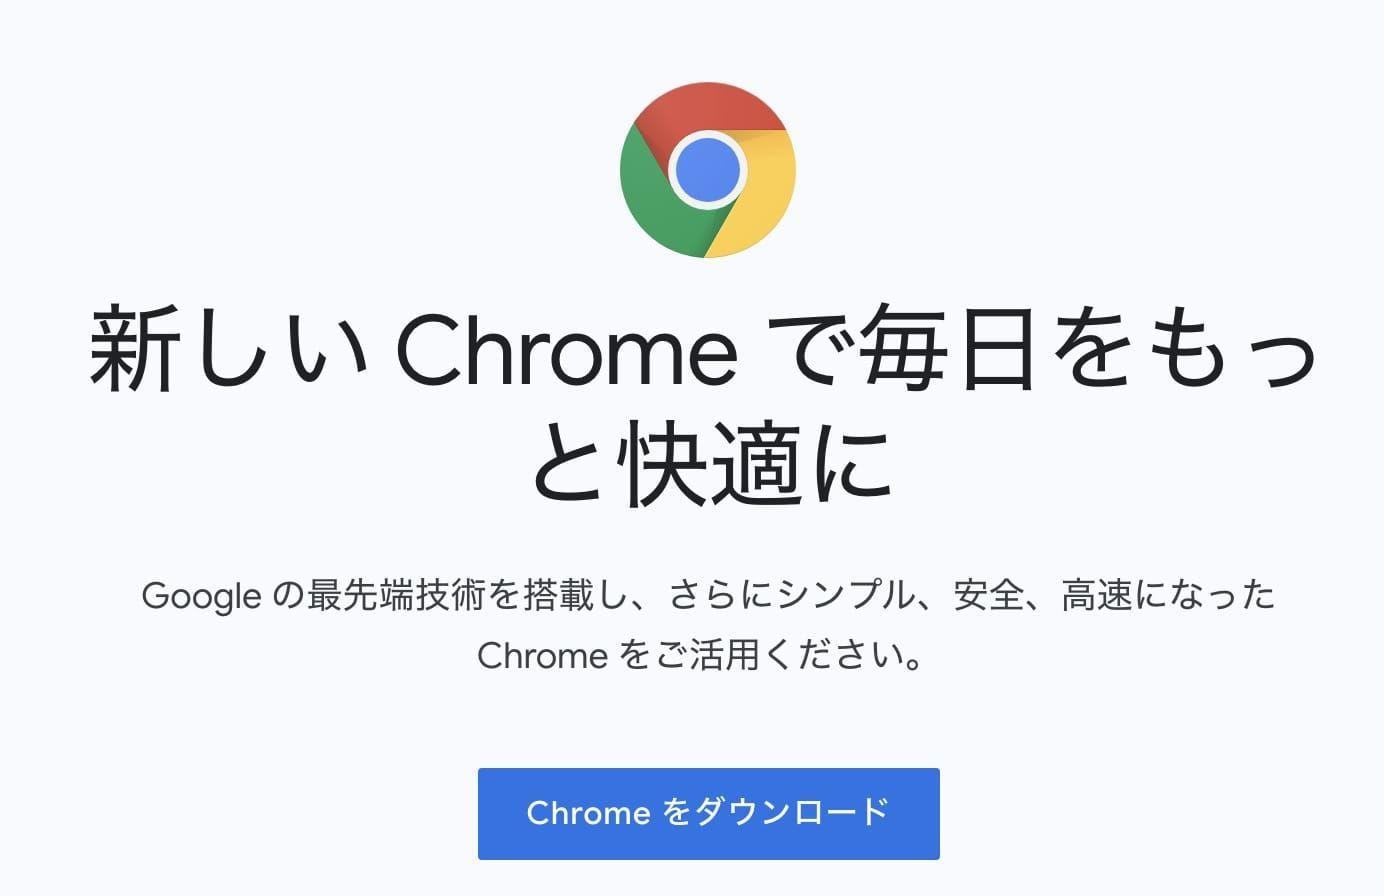 Chrome公式ページのスクリーンショット